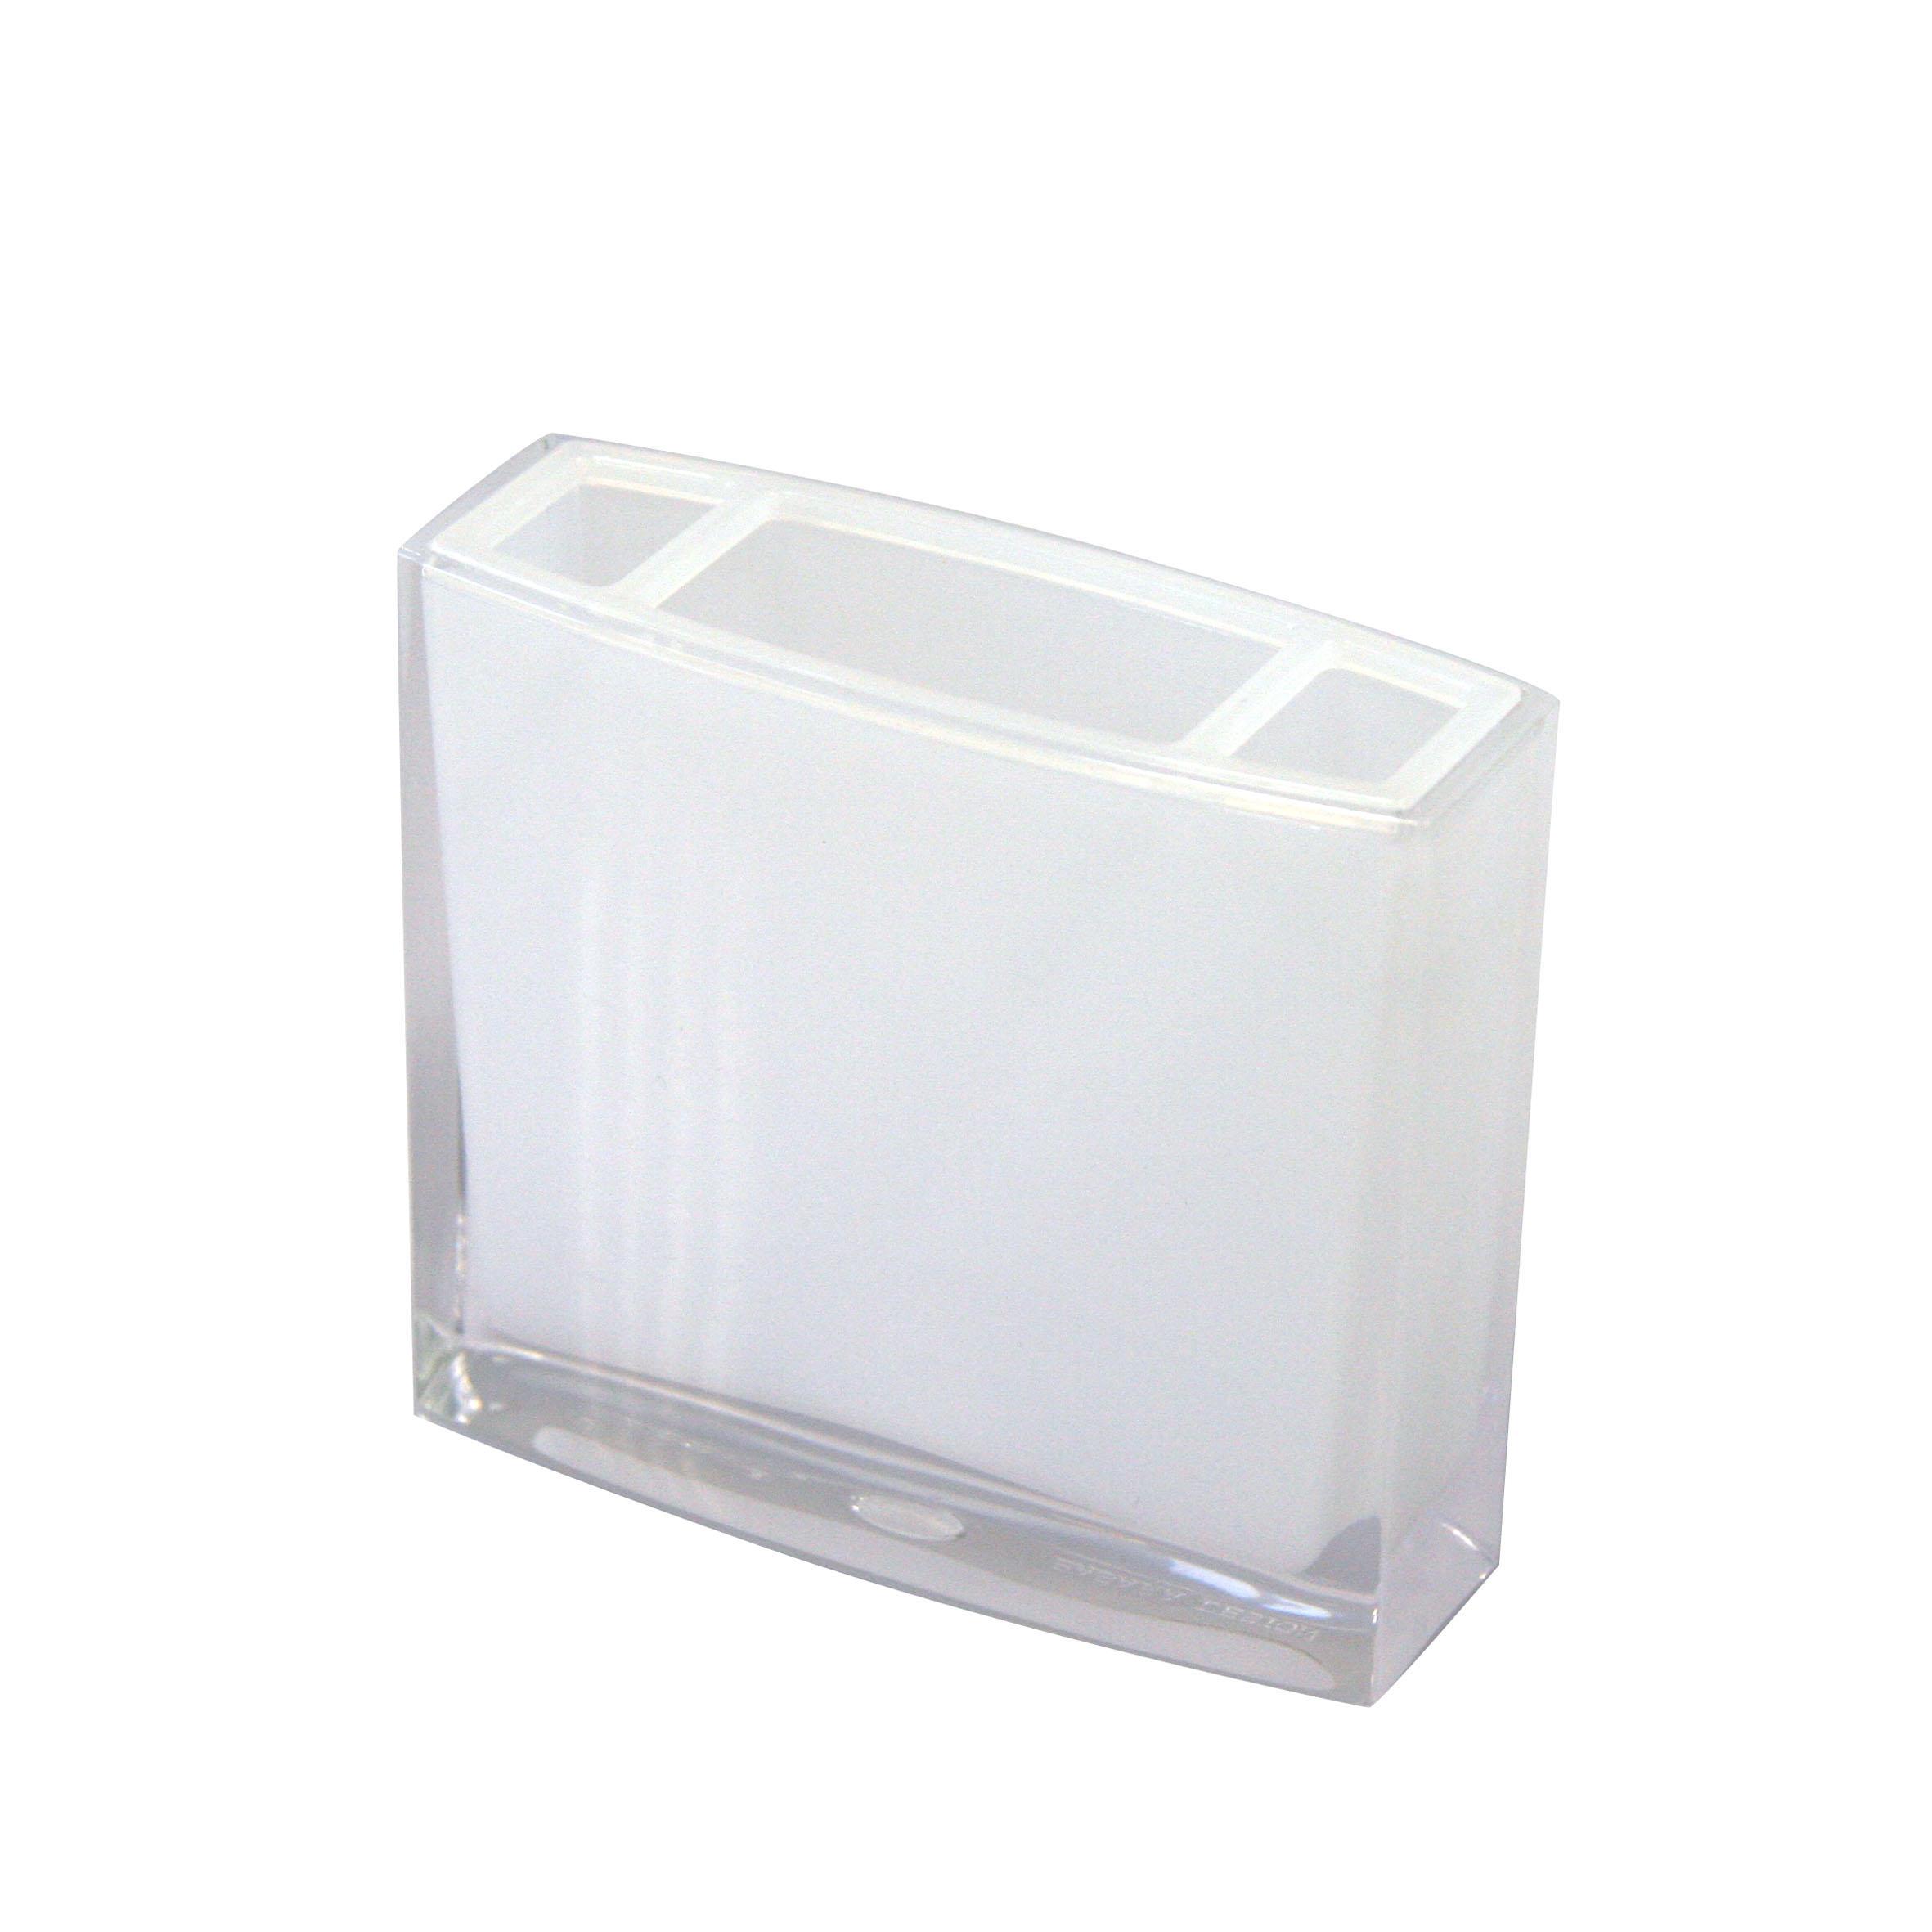 Стакан для зубных щеток Axentia Priamos, цвет: белый, высота 10,5 см3479Стакан для зубных щеток Axentia Priamos изготовлен из высококачественного акрила белого цвета. Изделие превосходно дополнит интерьер ванной комнаты, отлично сочетается с другими аксессуарами из коллекции Priamos.Размеры стакана: 10,5х 9,5 х 3 см.